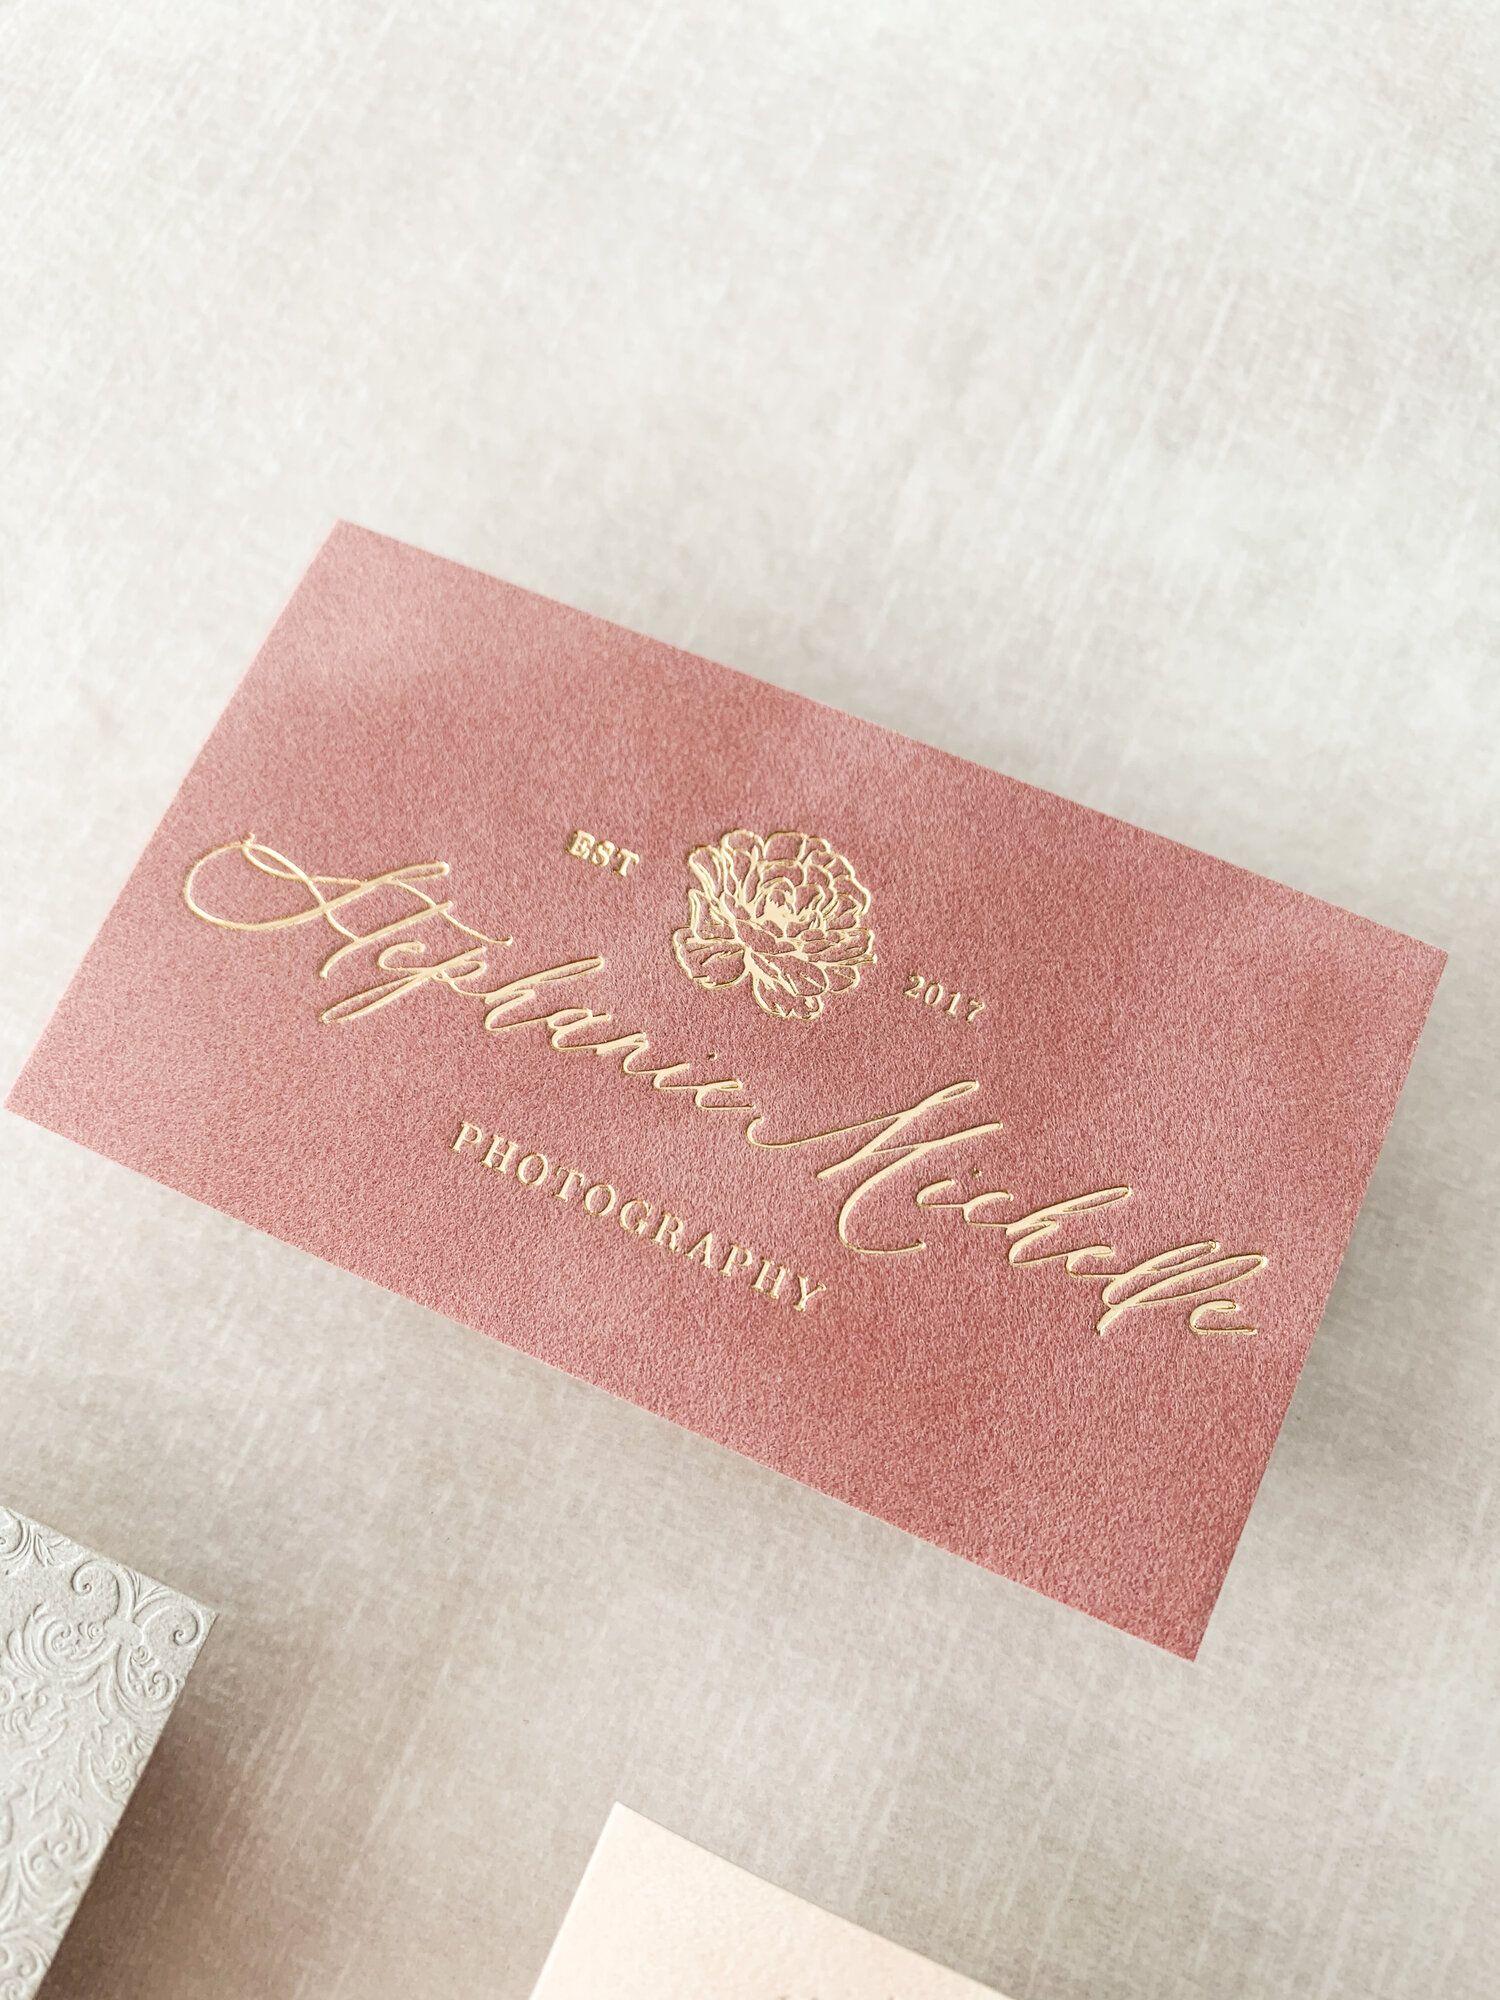 Luxury Business Cards Velvet Lettering By Grg In 2021 Gold Foil Business Cards Luxury Business Cards Foil Business Cards